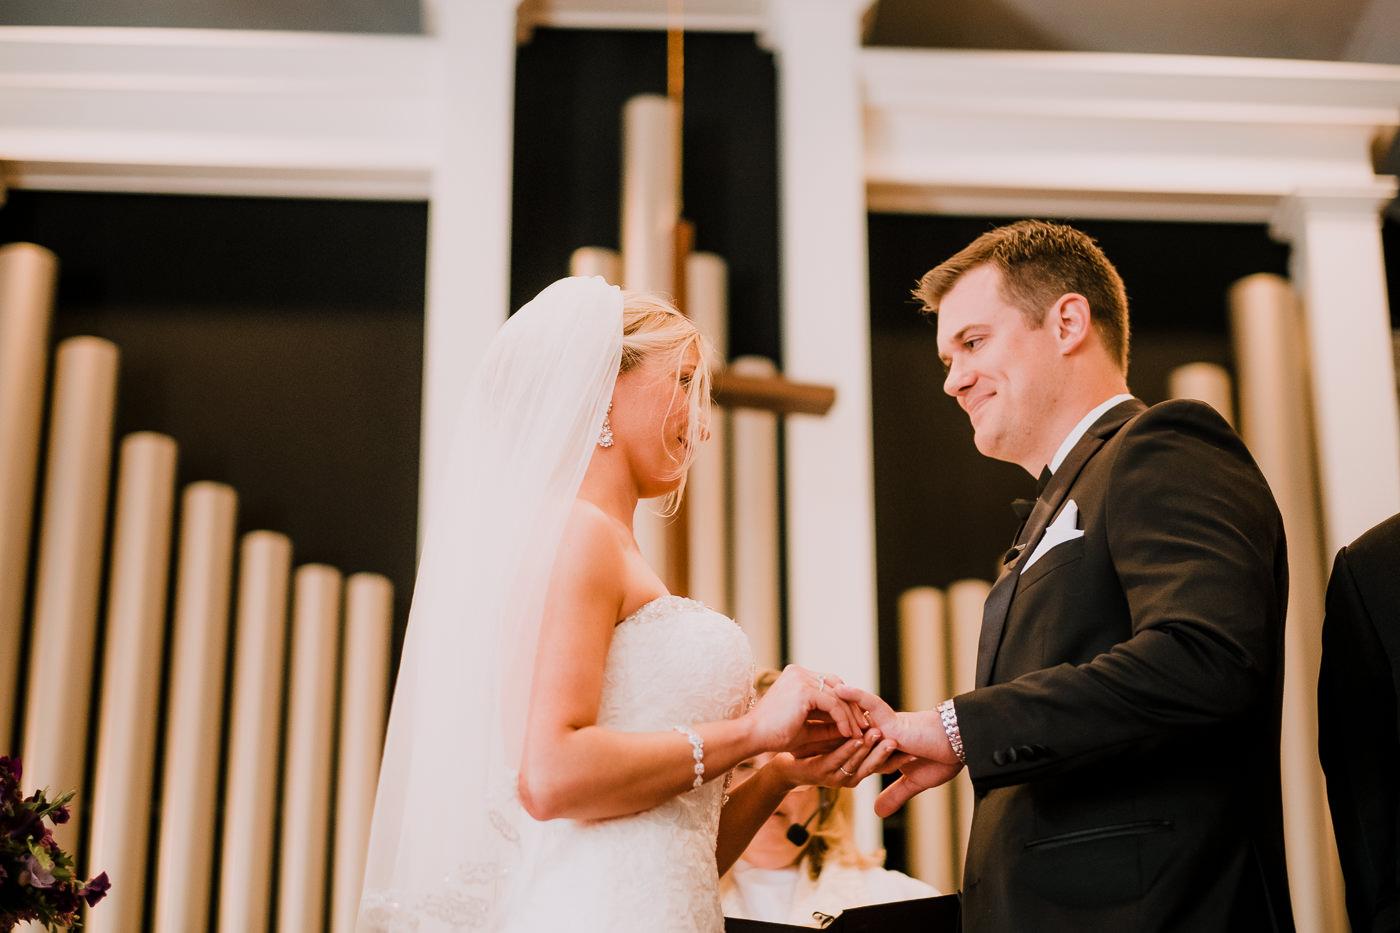 aly+jonny.web.newengland.wedding.©2017mileswittboyer-46.jpg